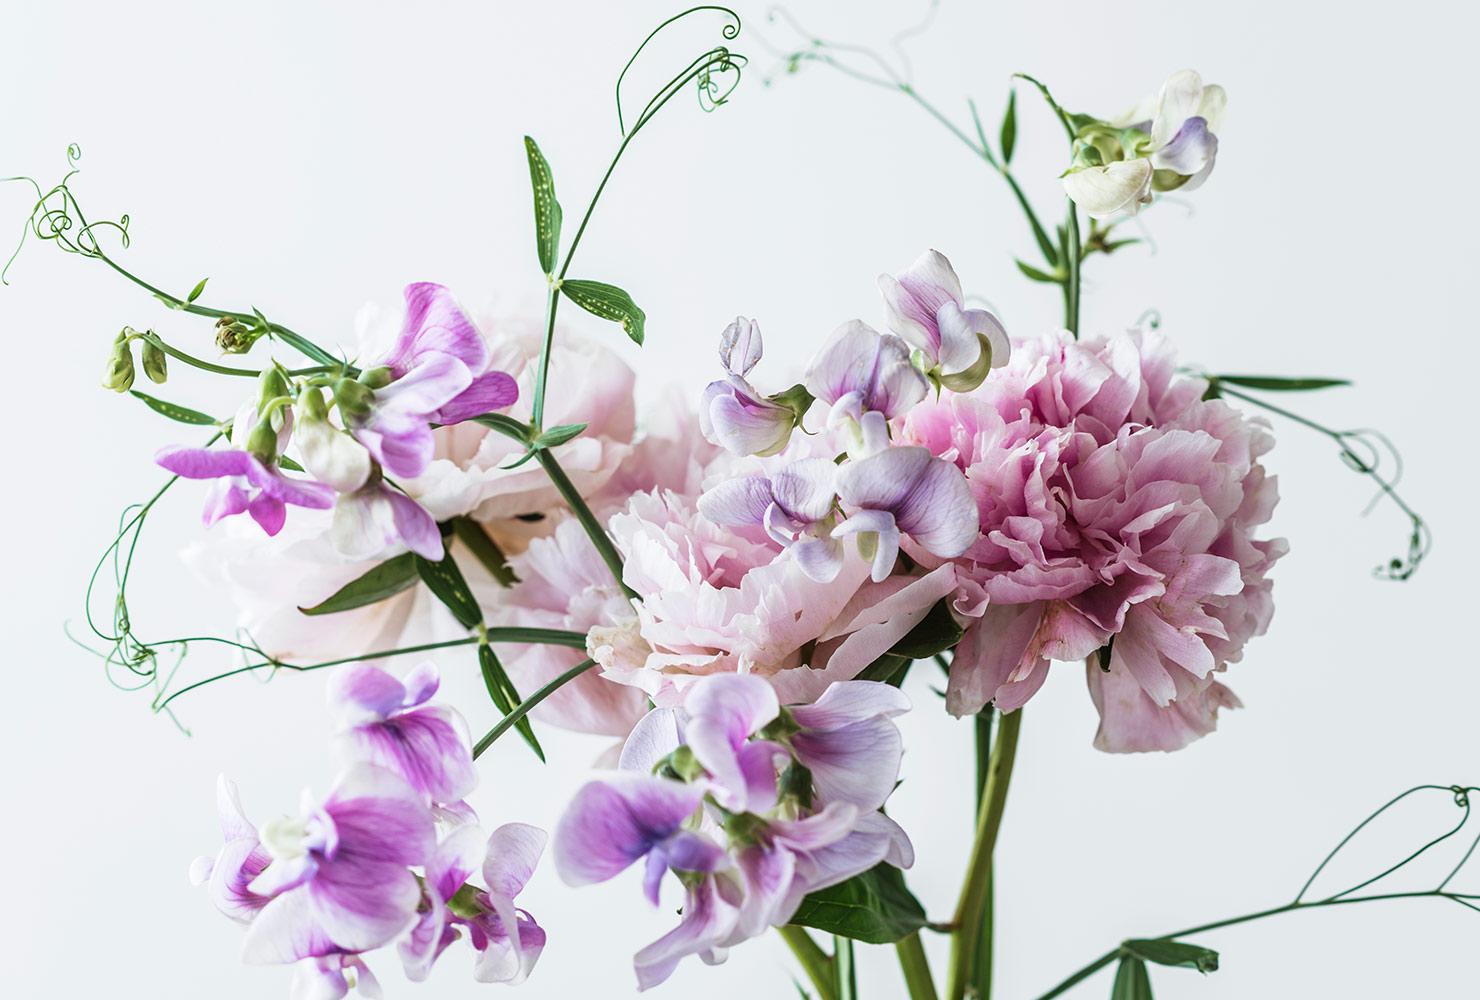 tropics-inspired wedding garlands